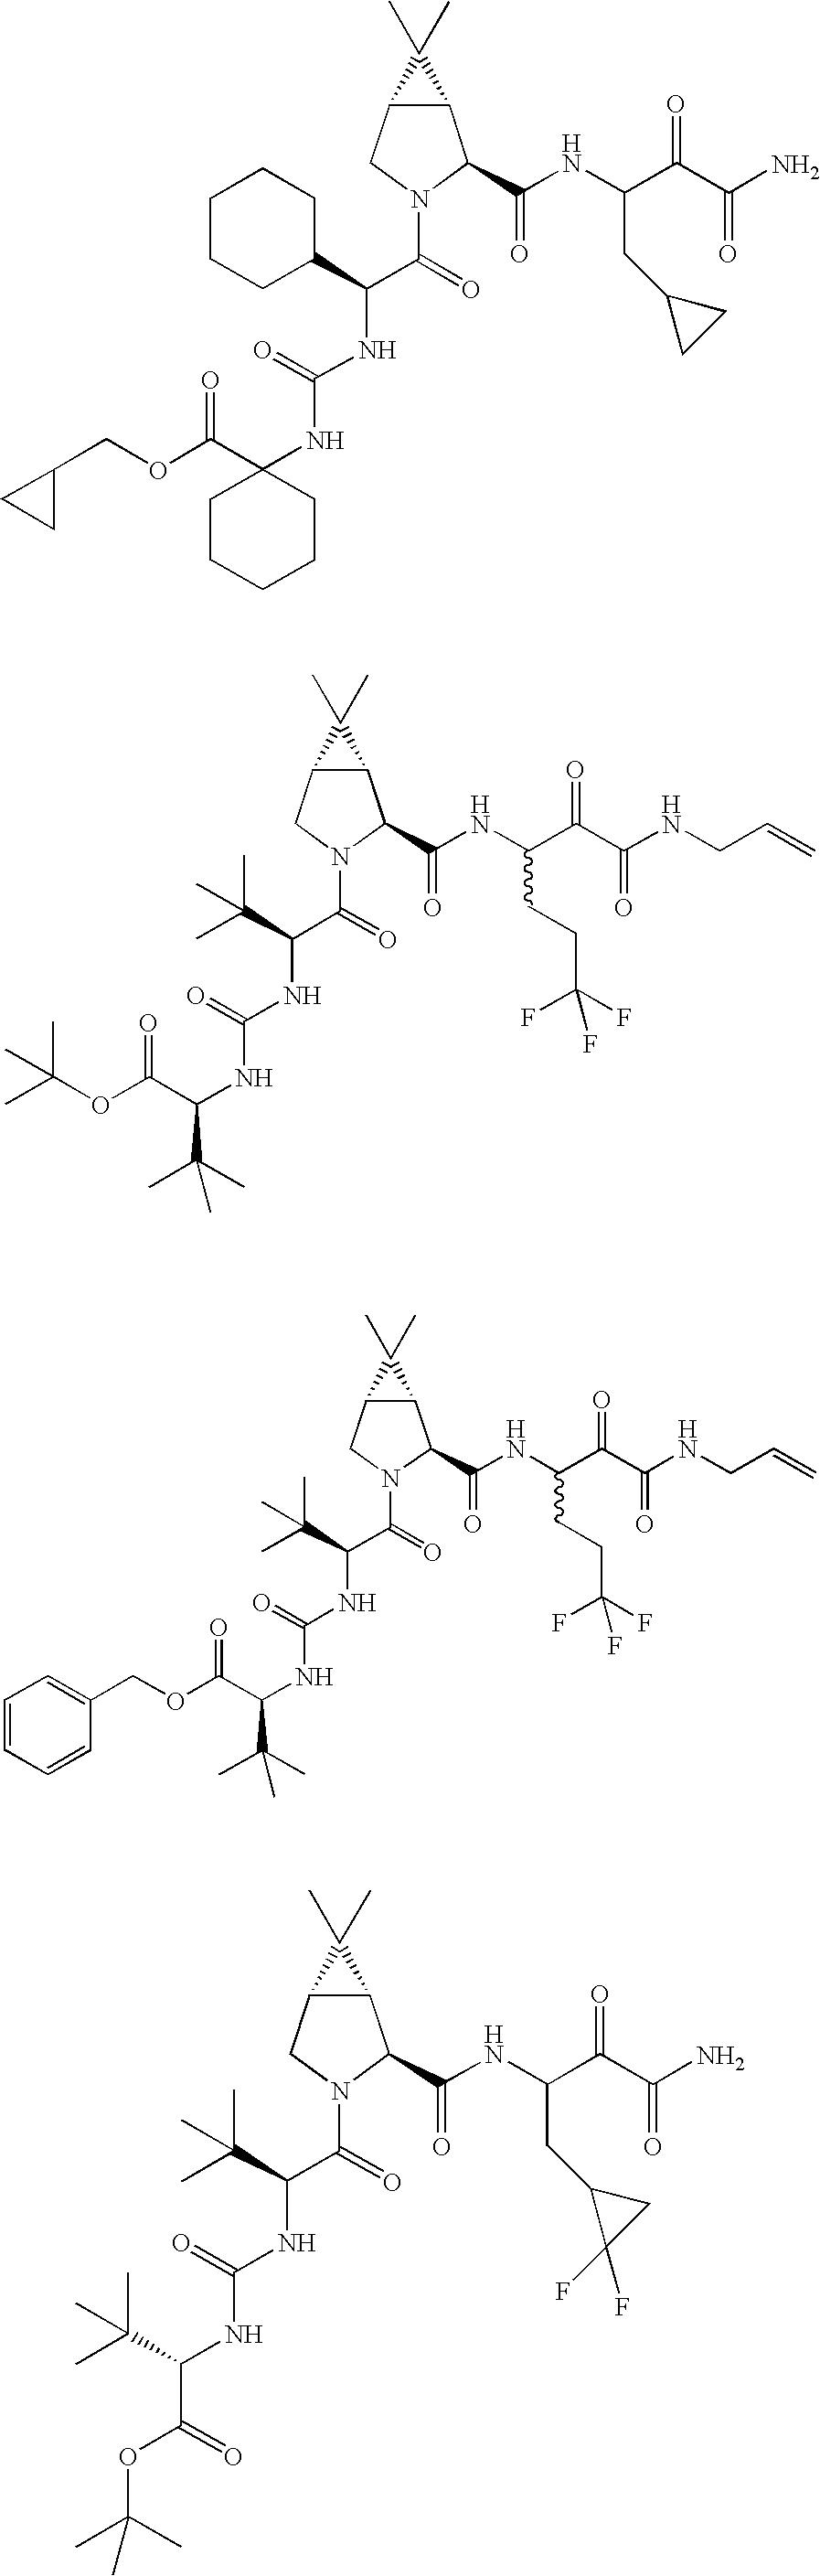 Figure US20060287248A1-20061221-C00281